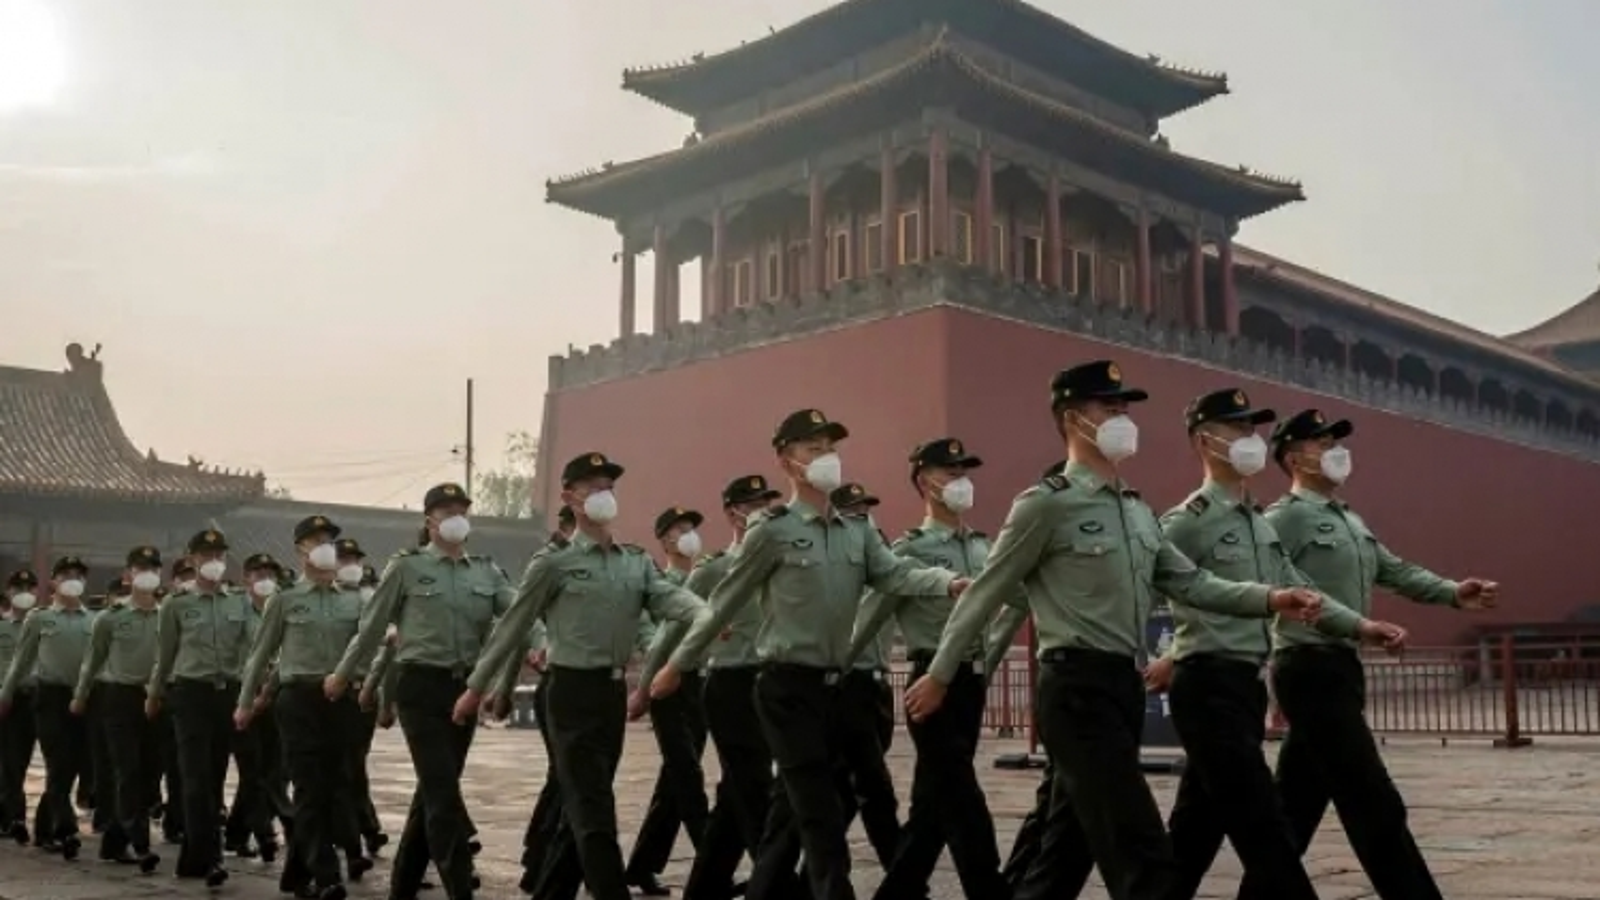 Tình báo Mỹ (CIA) coi Trung Quốc là mục tiêu khó dò la nhất cho tới nay